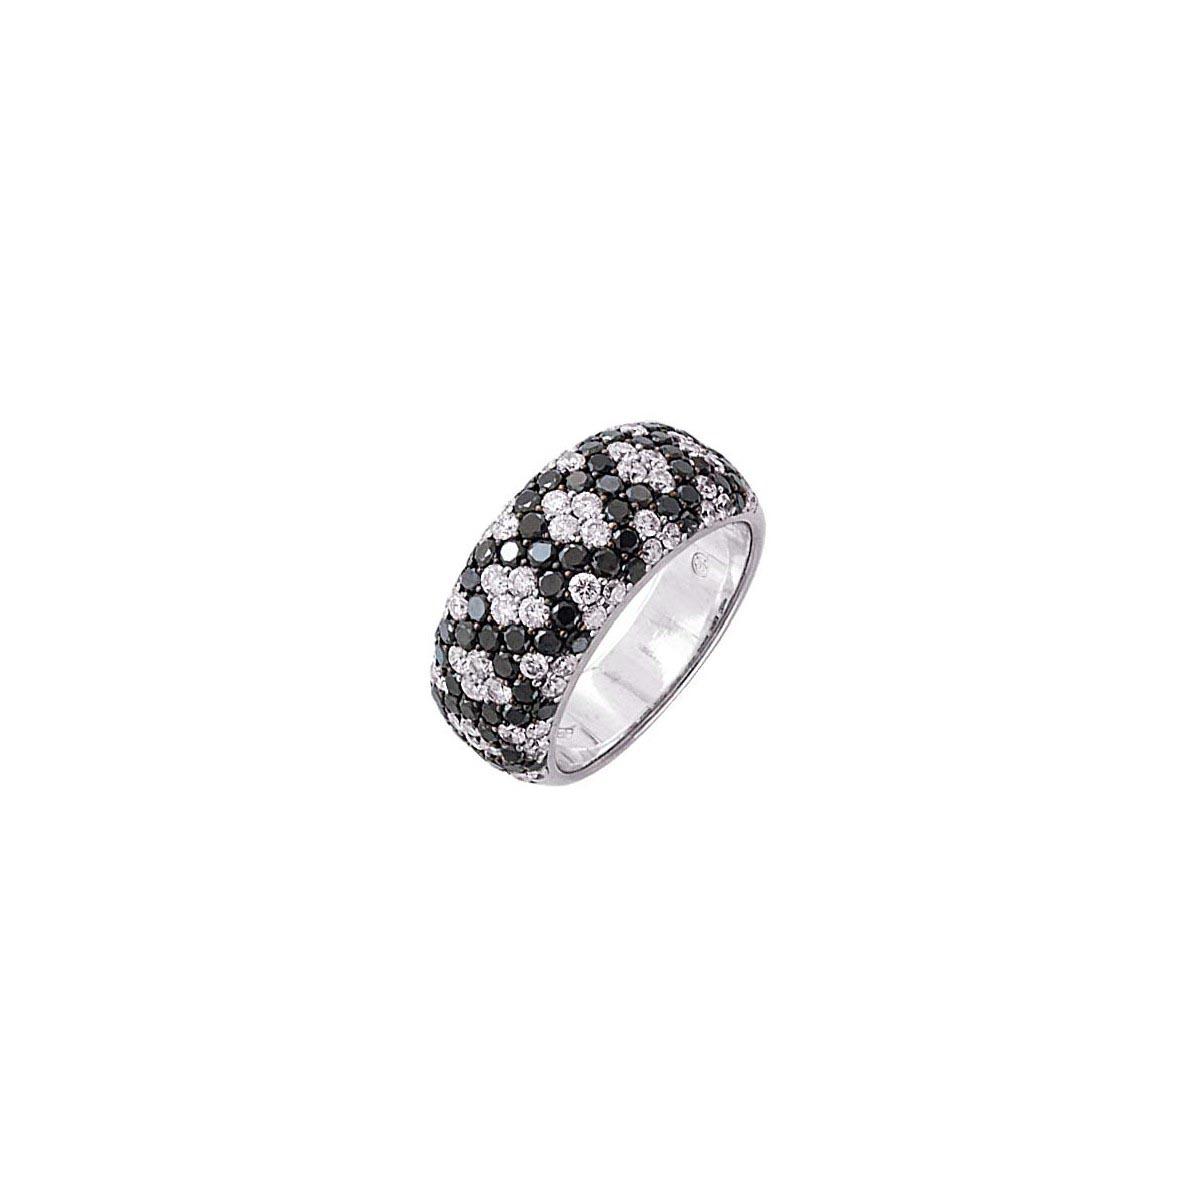 Micro-Pave Black & White Diamond Ring